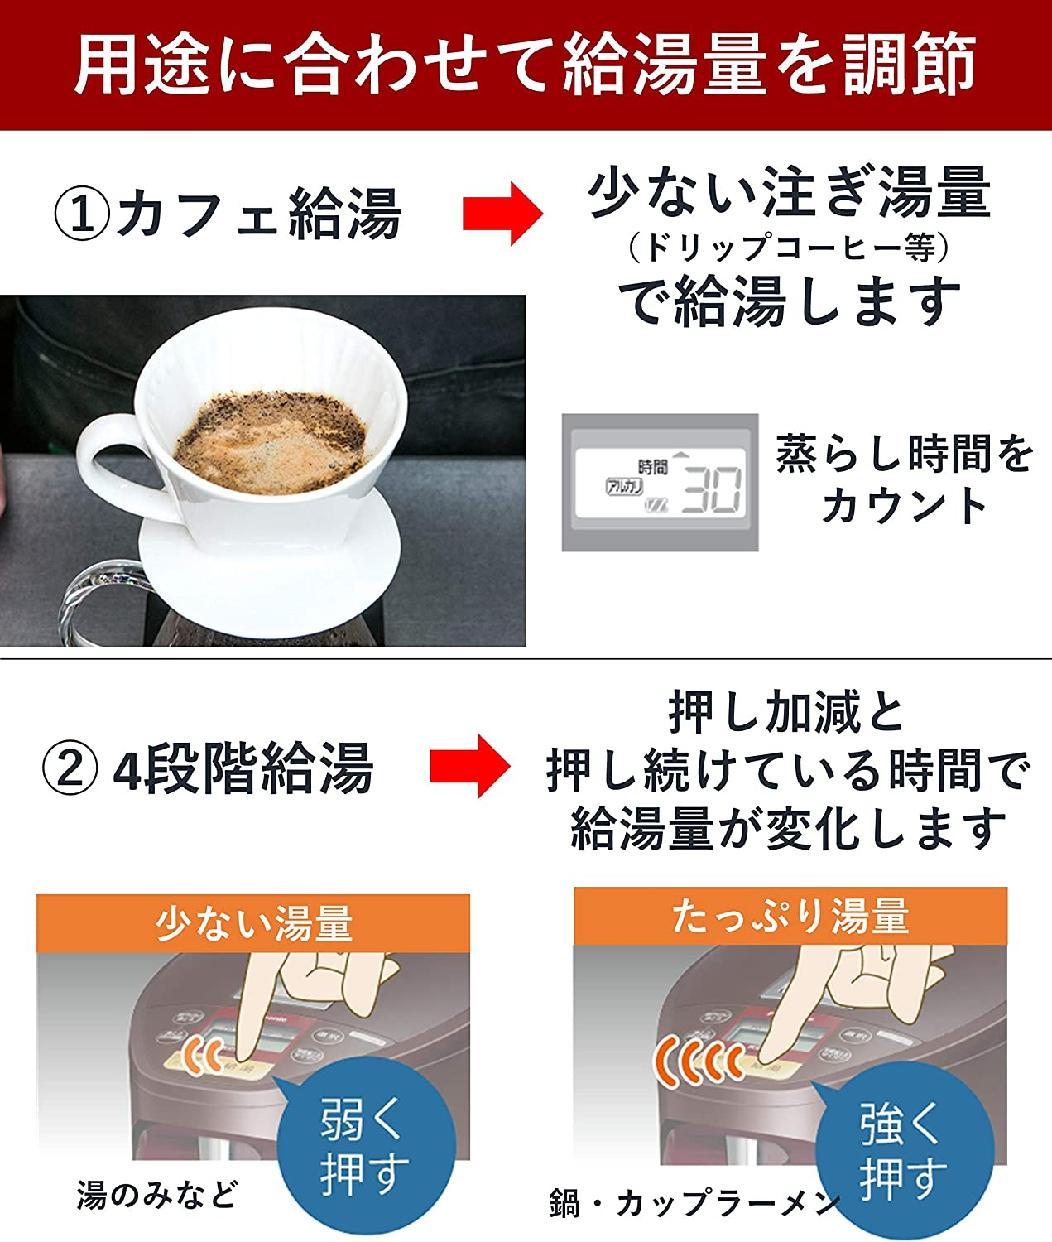 Panasonic(パナソニック)マイコン沸騰ジャーポット NC-SU404の商品画像5